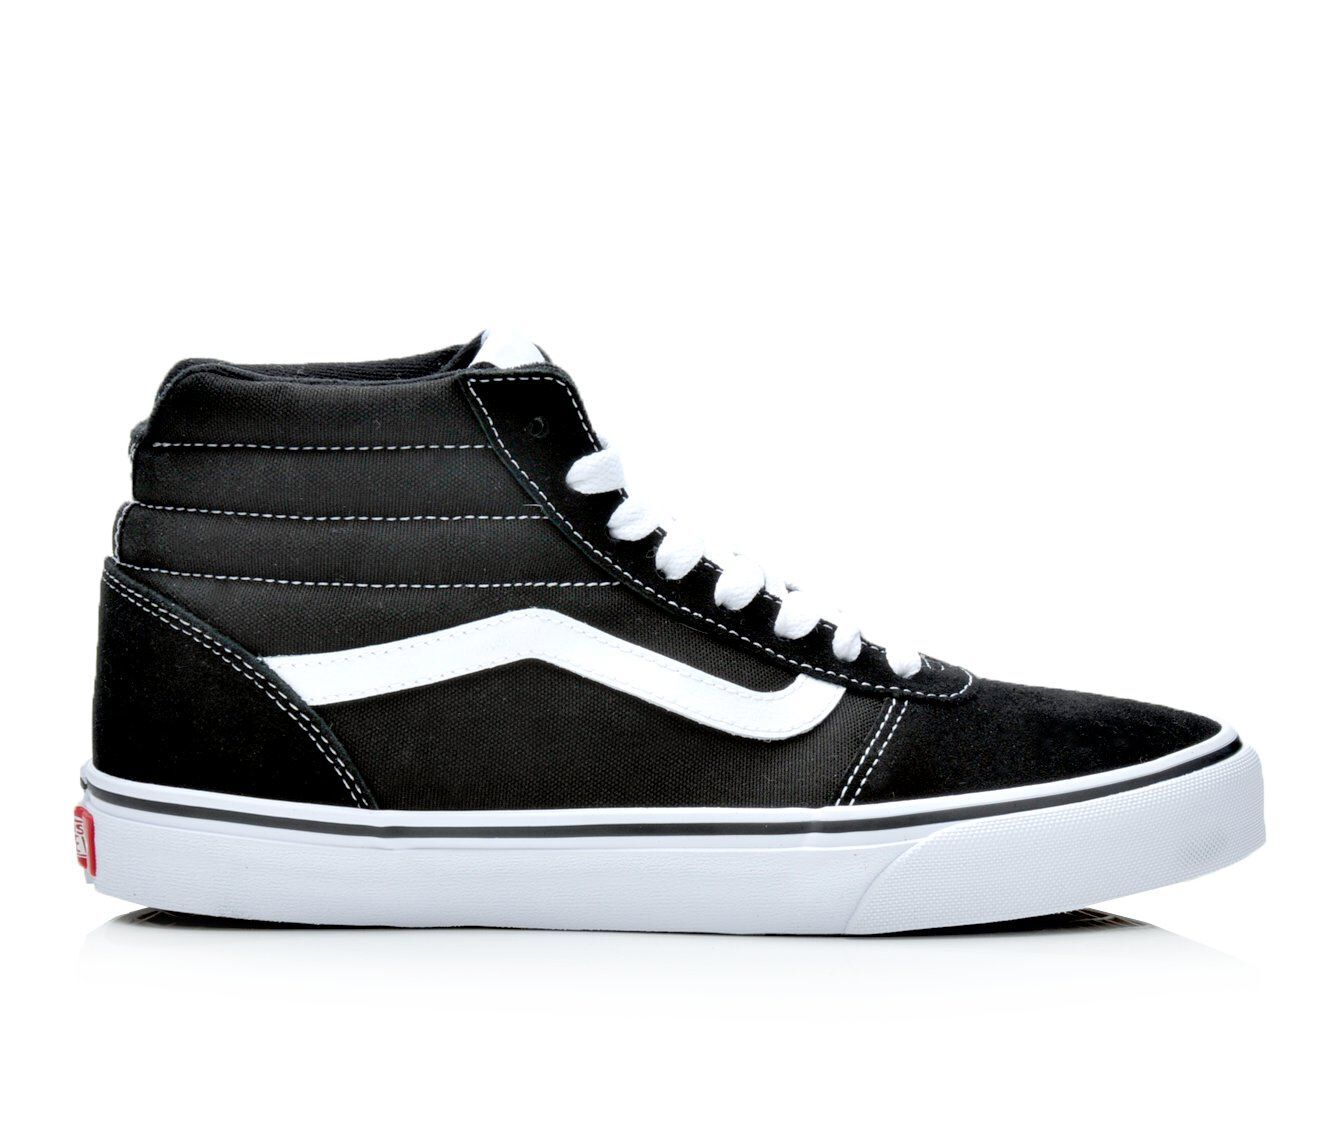 Men's Vans Ward Hi High Top Sneakers Black/Wht Suede